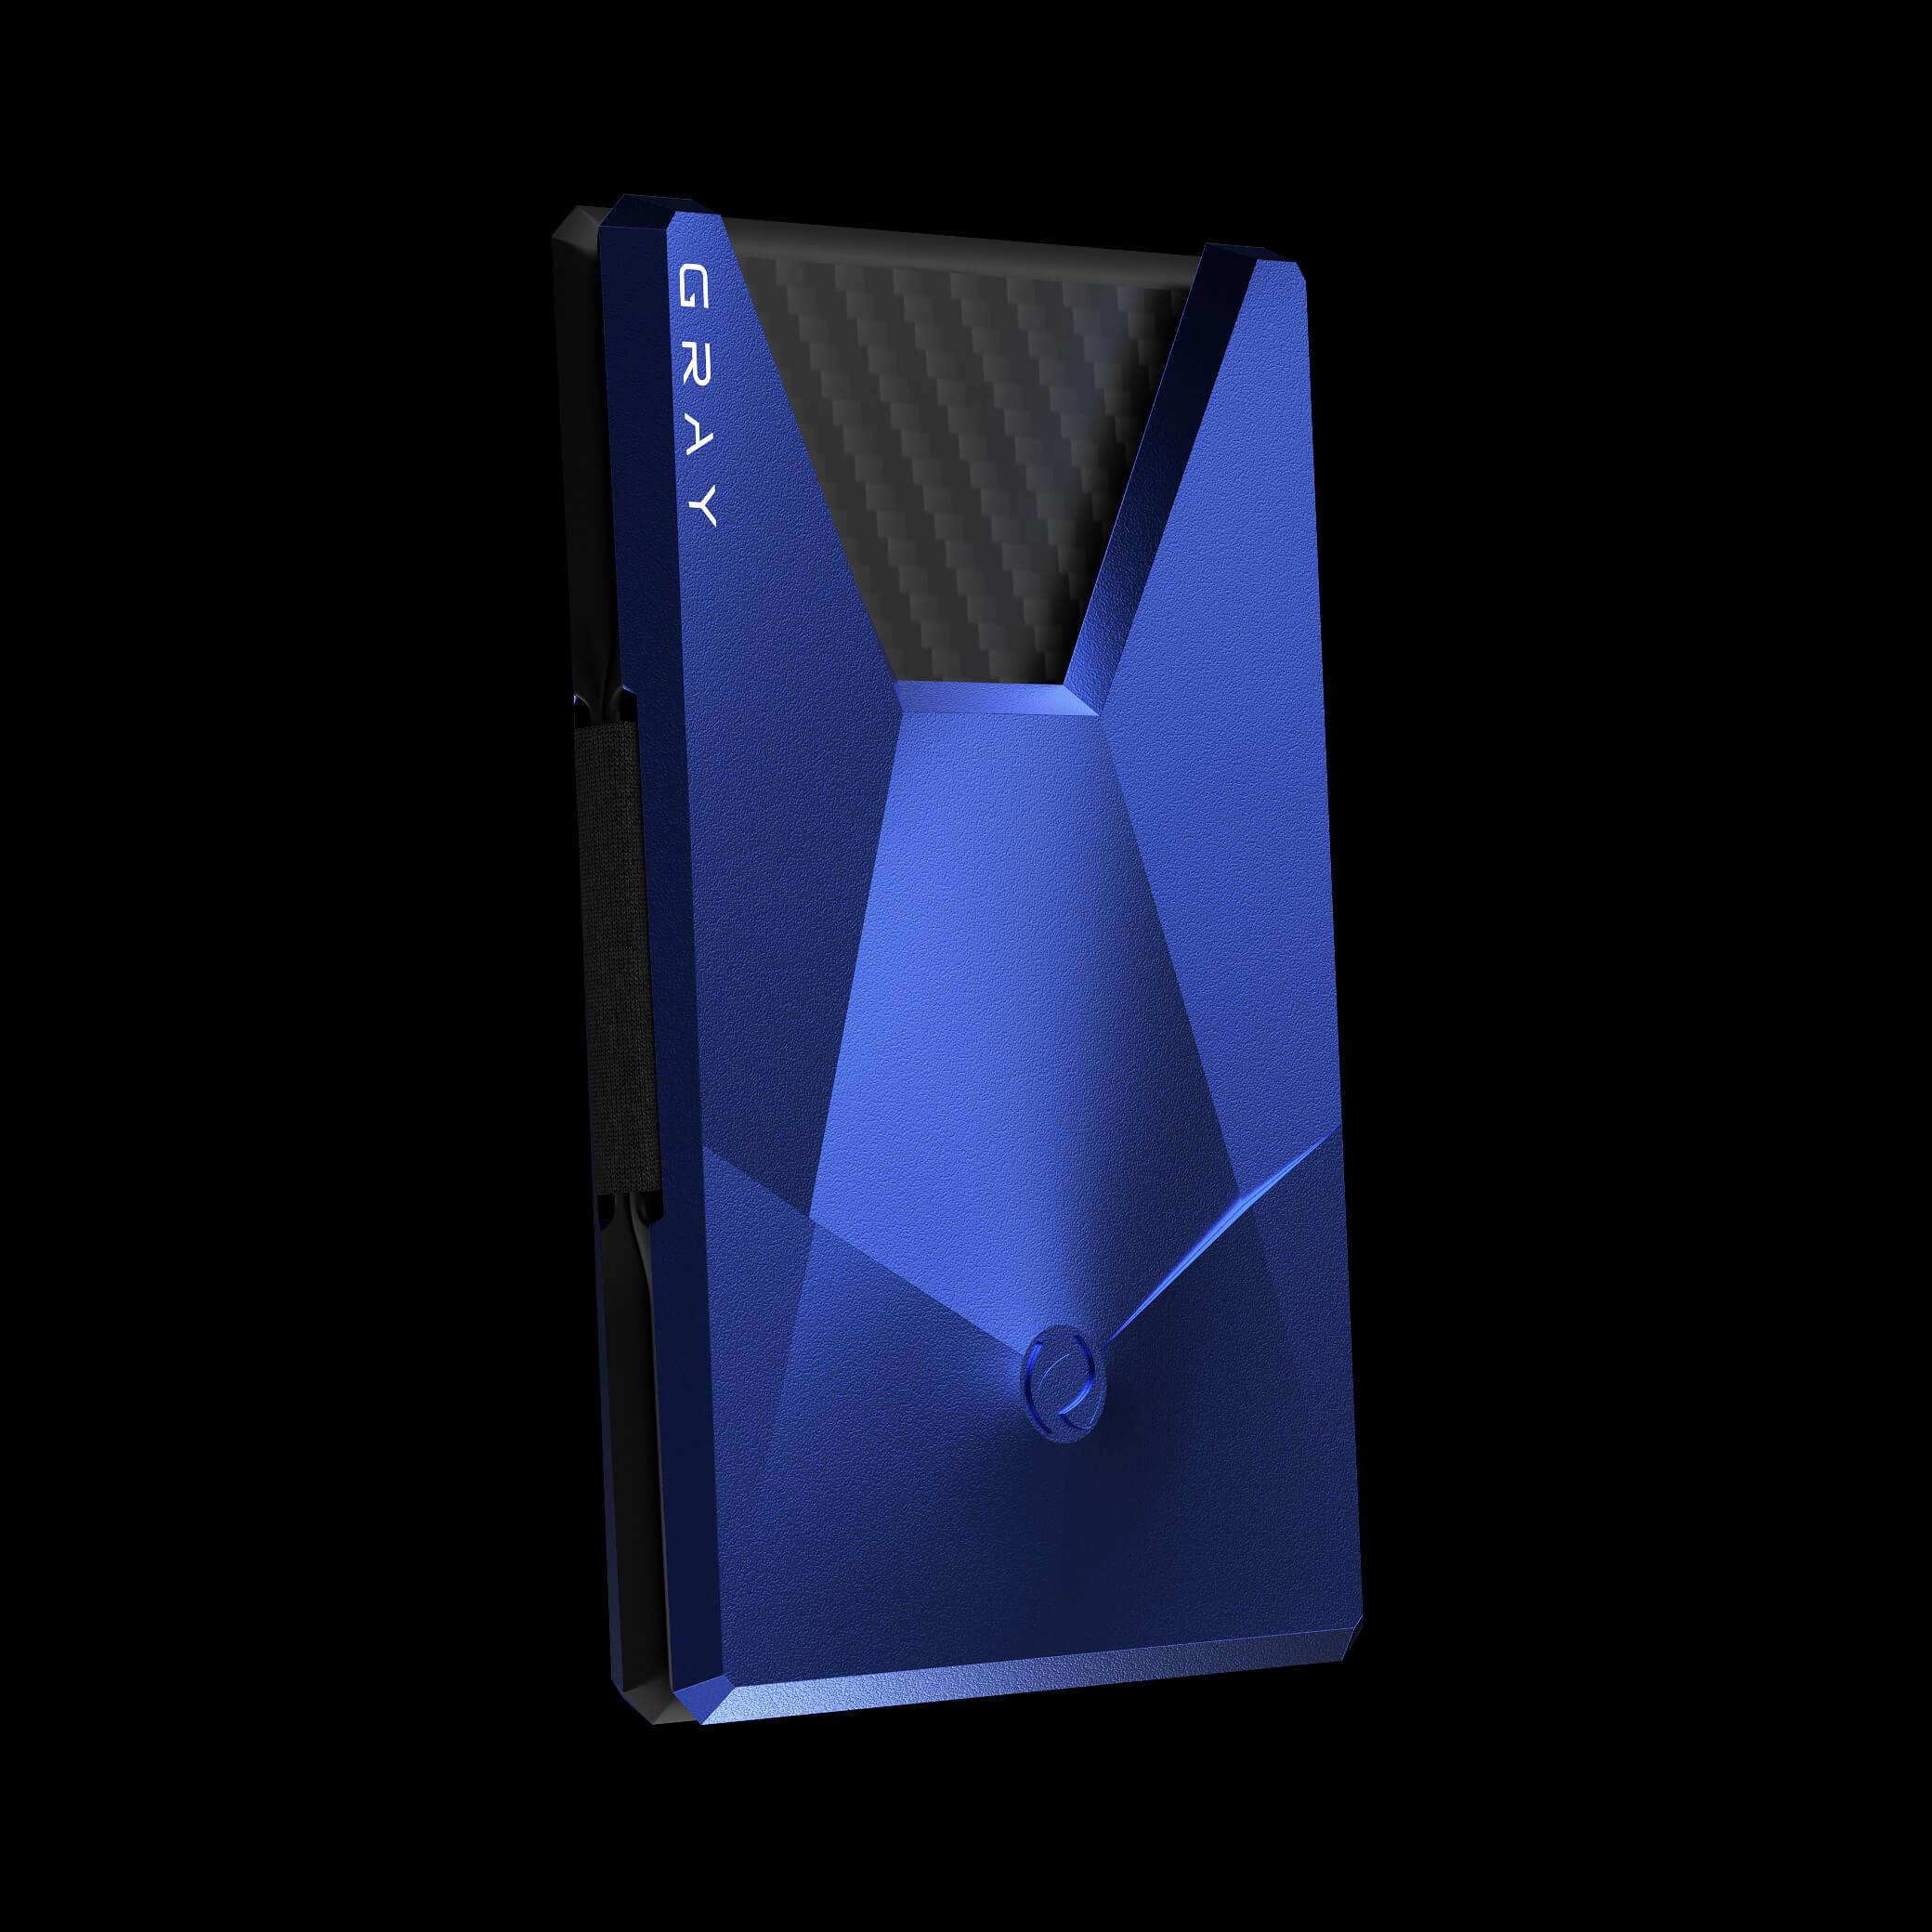 vandium galactic blue luxury designer aluminium metal card wallet